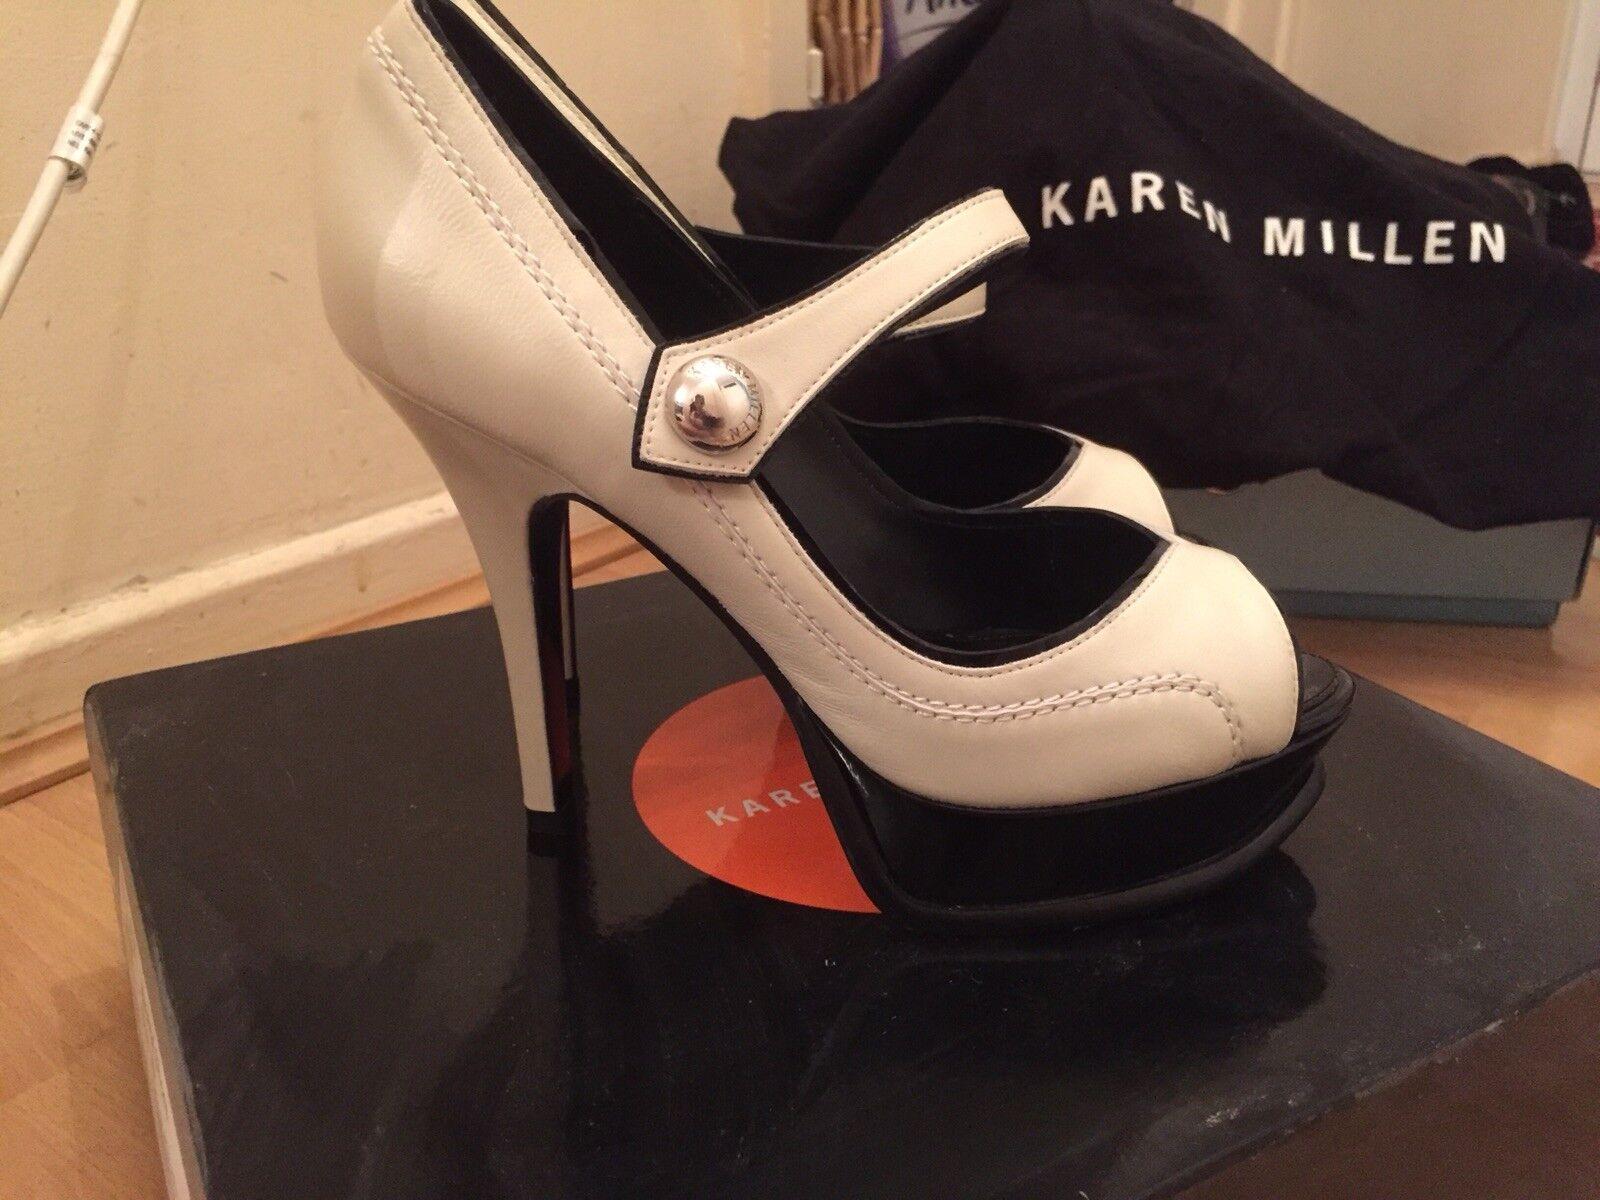 Karen Karen Karen Millen Schuhes 39 nude c7ebaa